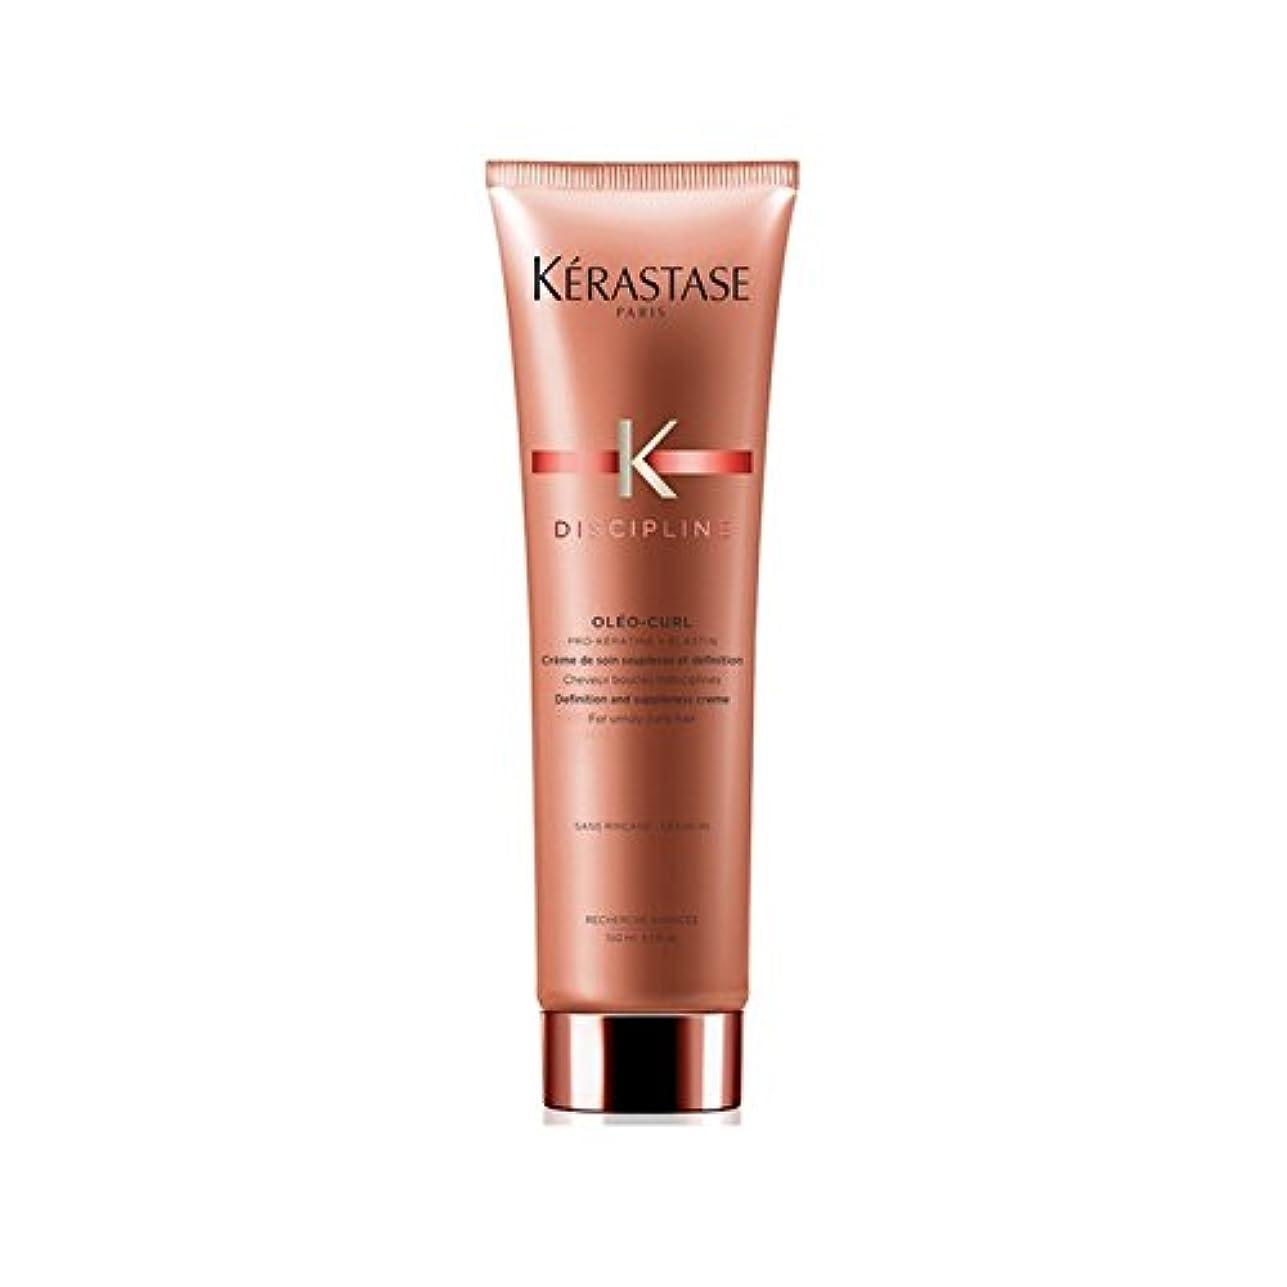 設計マトリックスオフセットK?rastase Discipline Curl Ideal Cleansing Conditioner 400ml (Pack of 6) - 理想的なクレンジングコンディショナー400ミリリットルカールケラスターゼ...